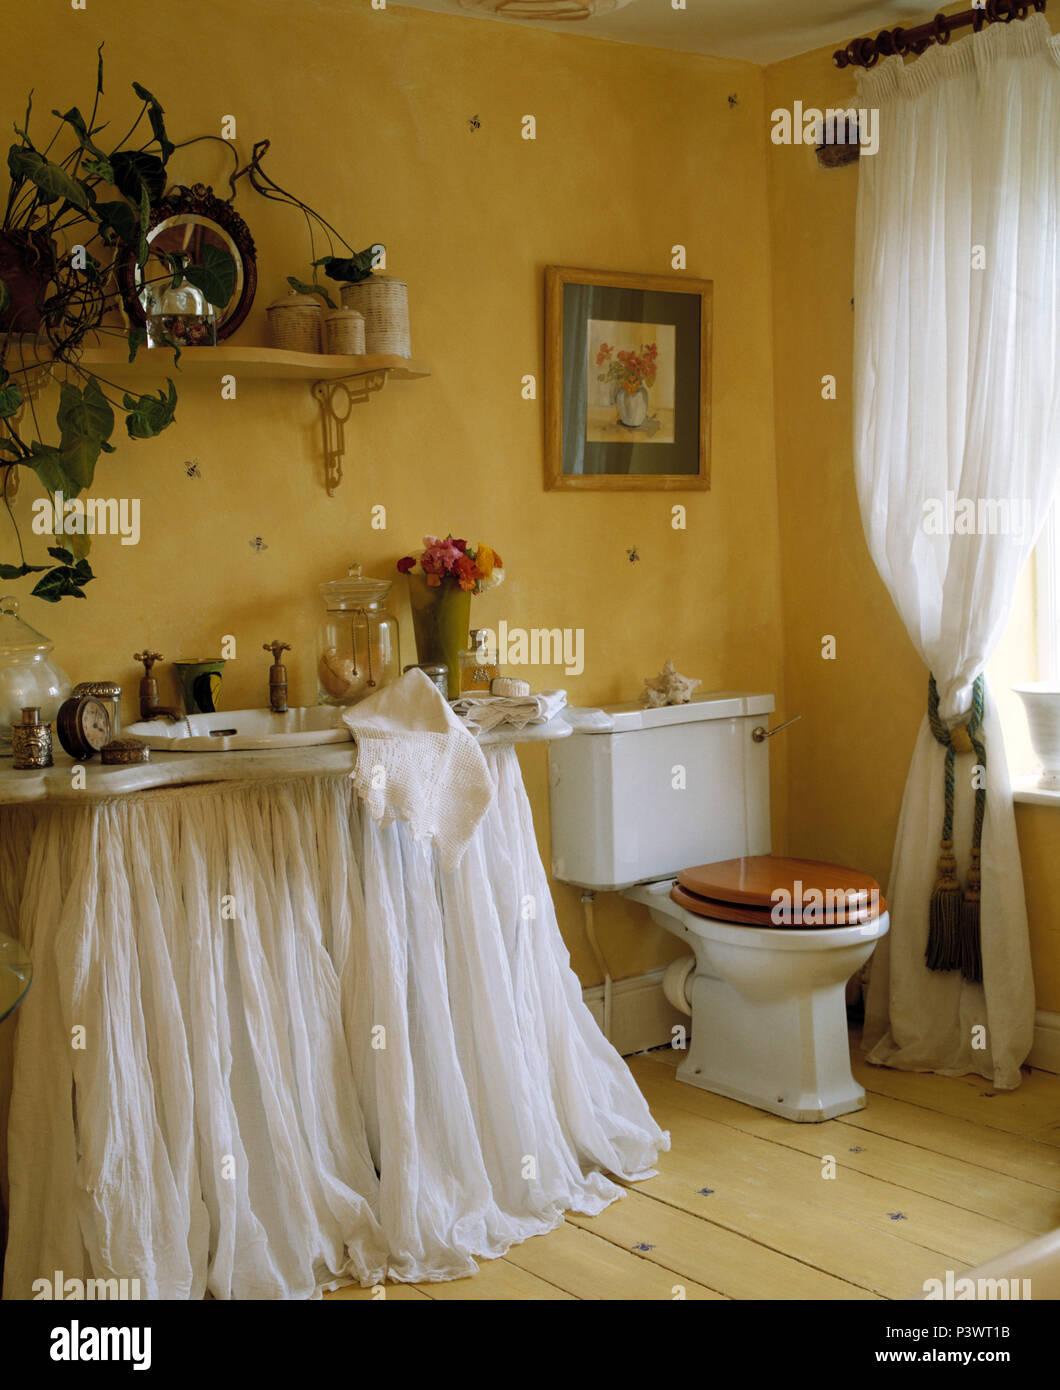 Weißen musselin Vorhänge belo Becken in gelb Bad mit weißem ...